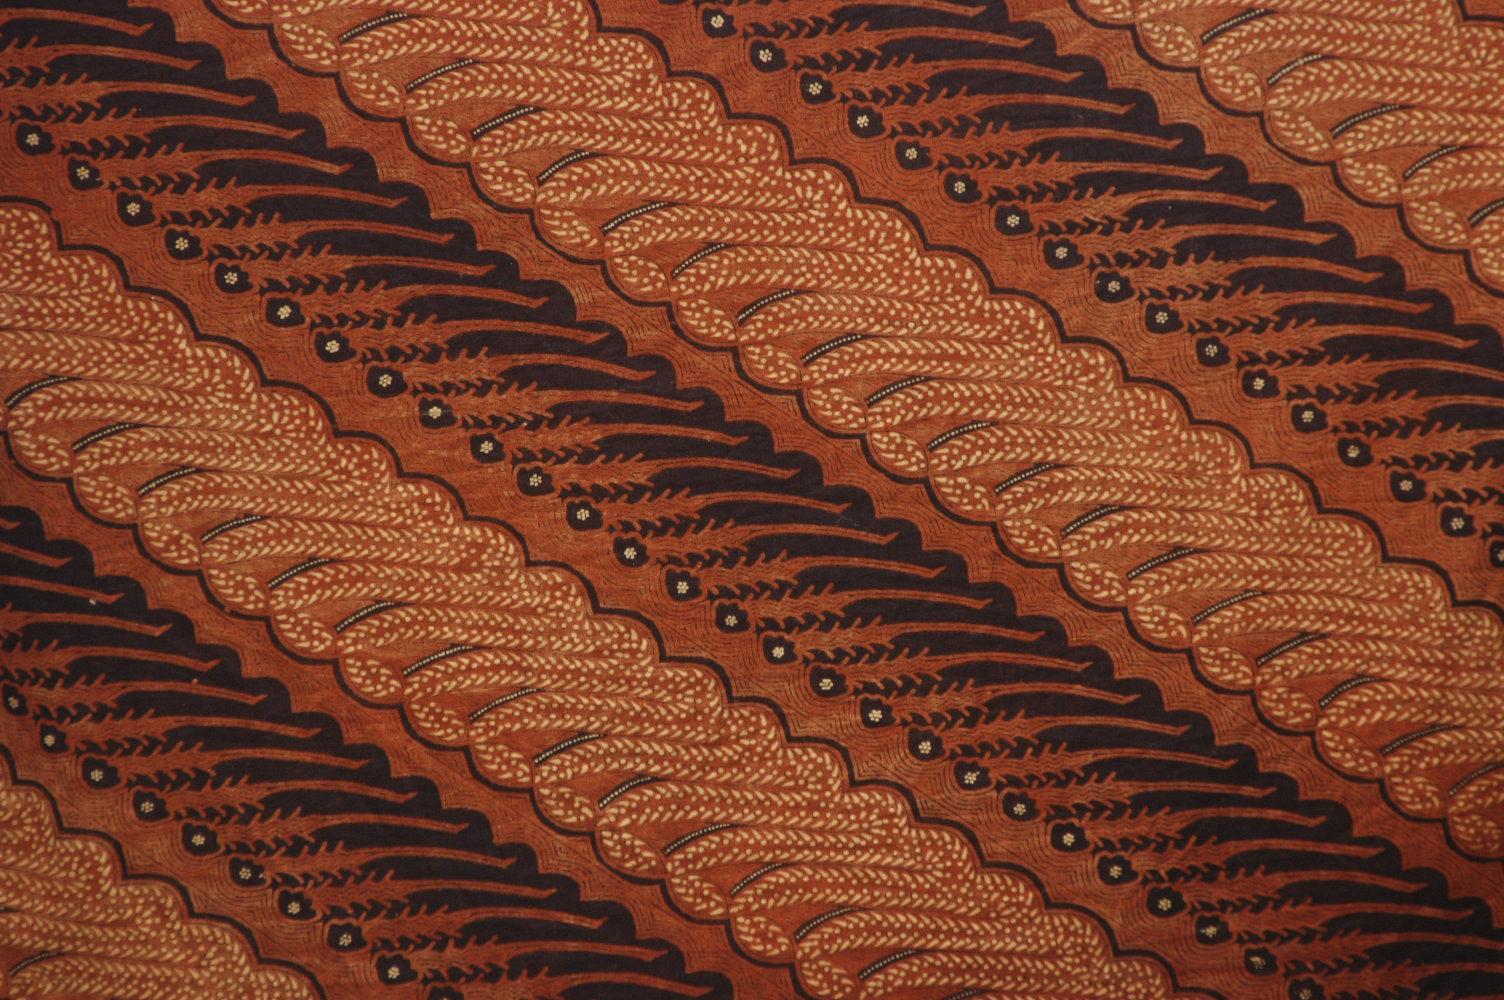 http://2.bp.blogspot.com/-BVEJz8t9Ldk/T_cRX5dDfDI/AAAAAAAAADU/cXH1JpYU44I/s1600/gambar-motif-batik-7.jpg